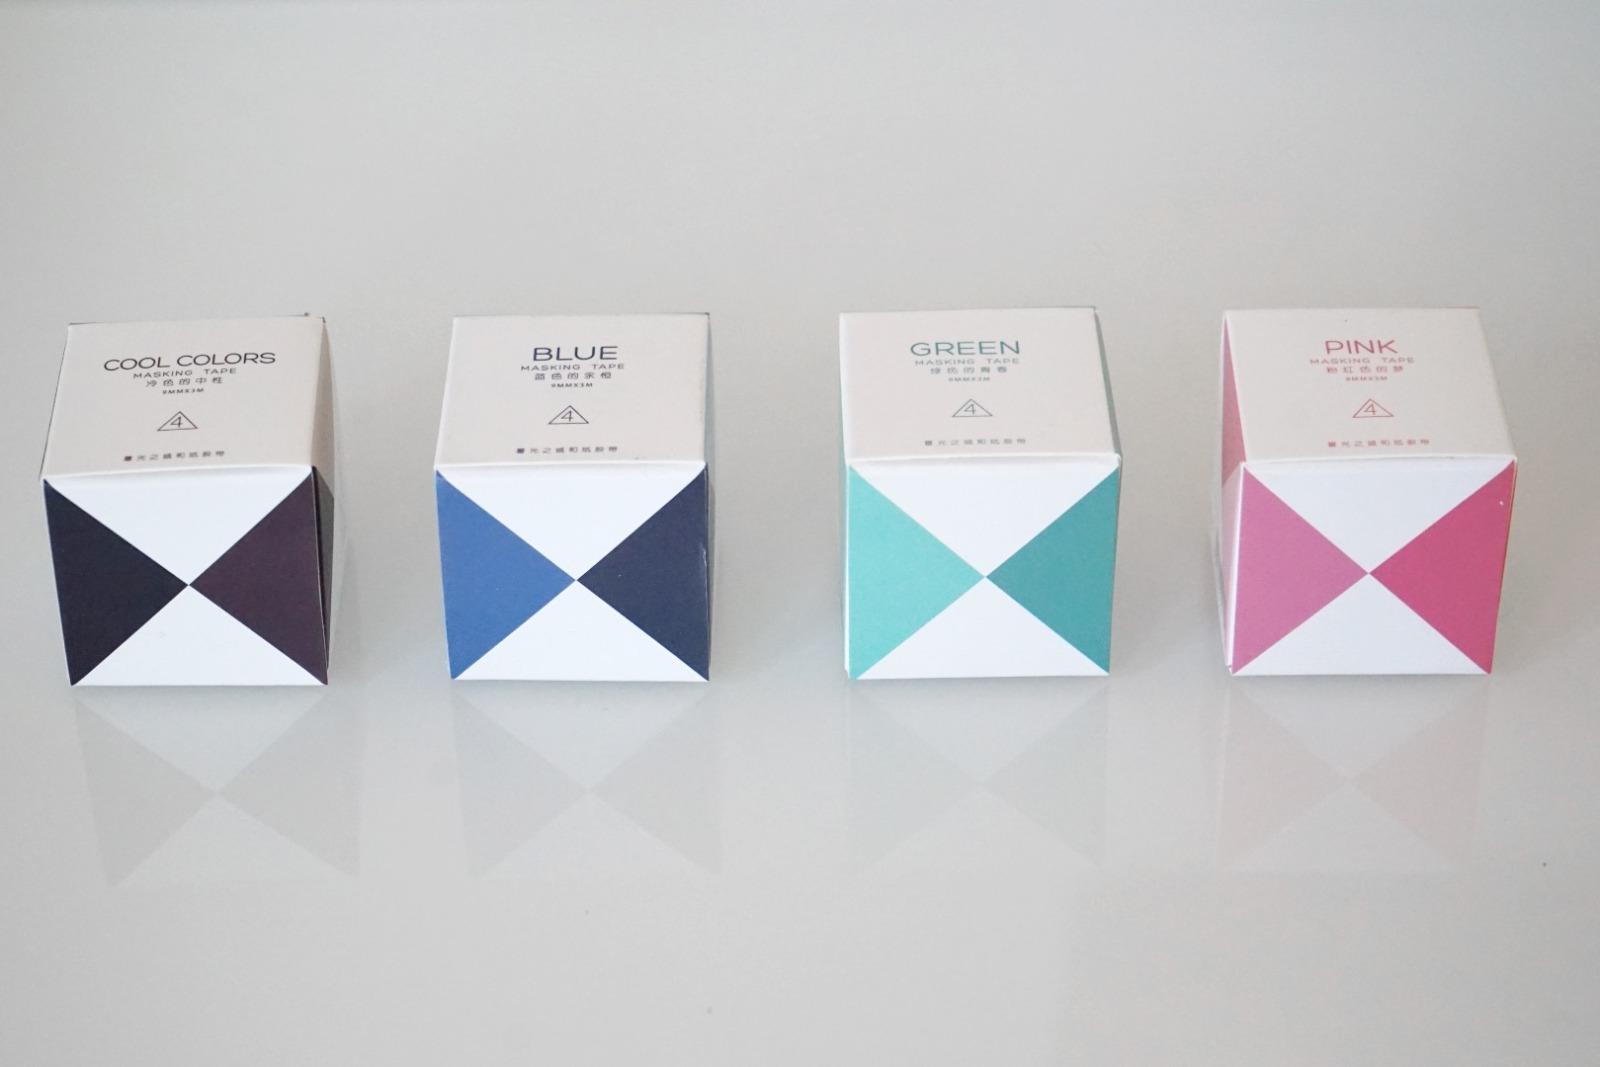 Klebeband Washi Tape Blue 2